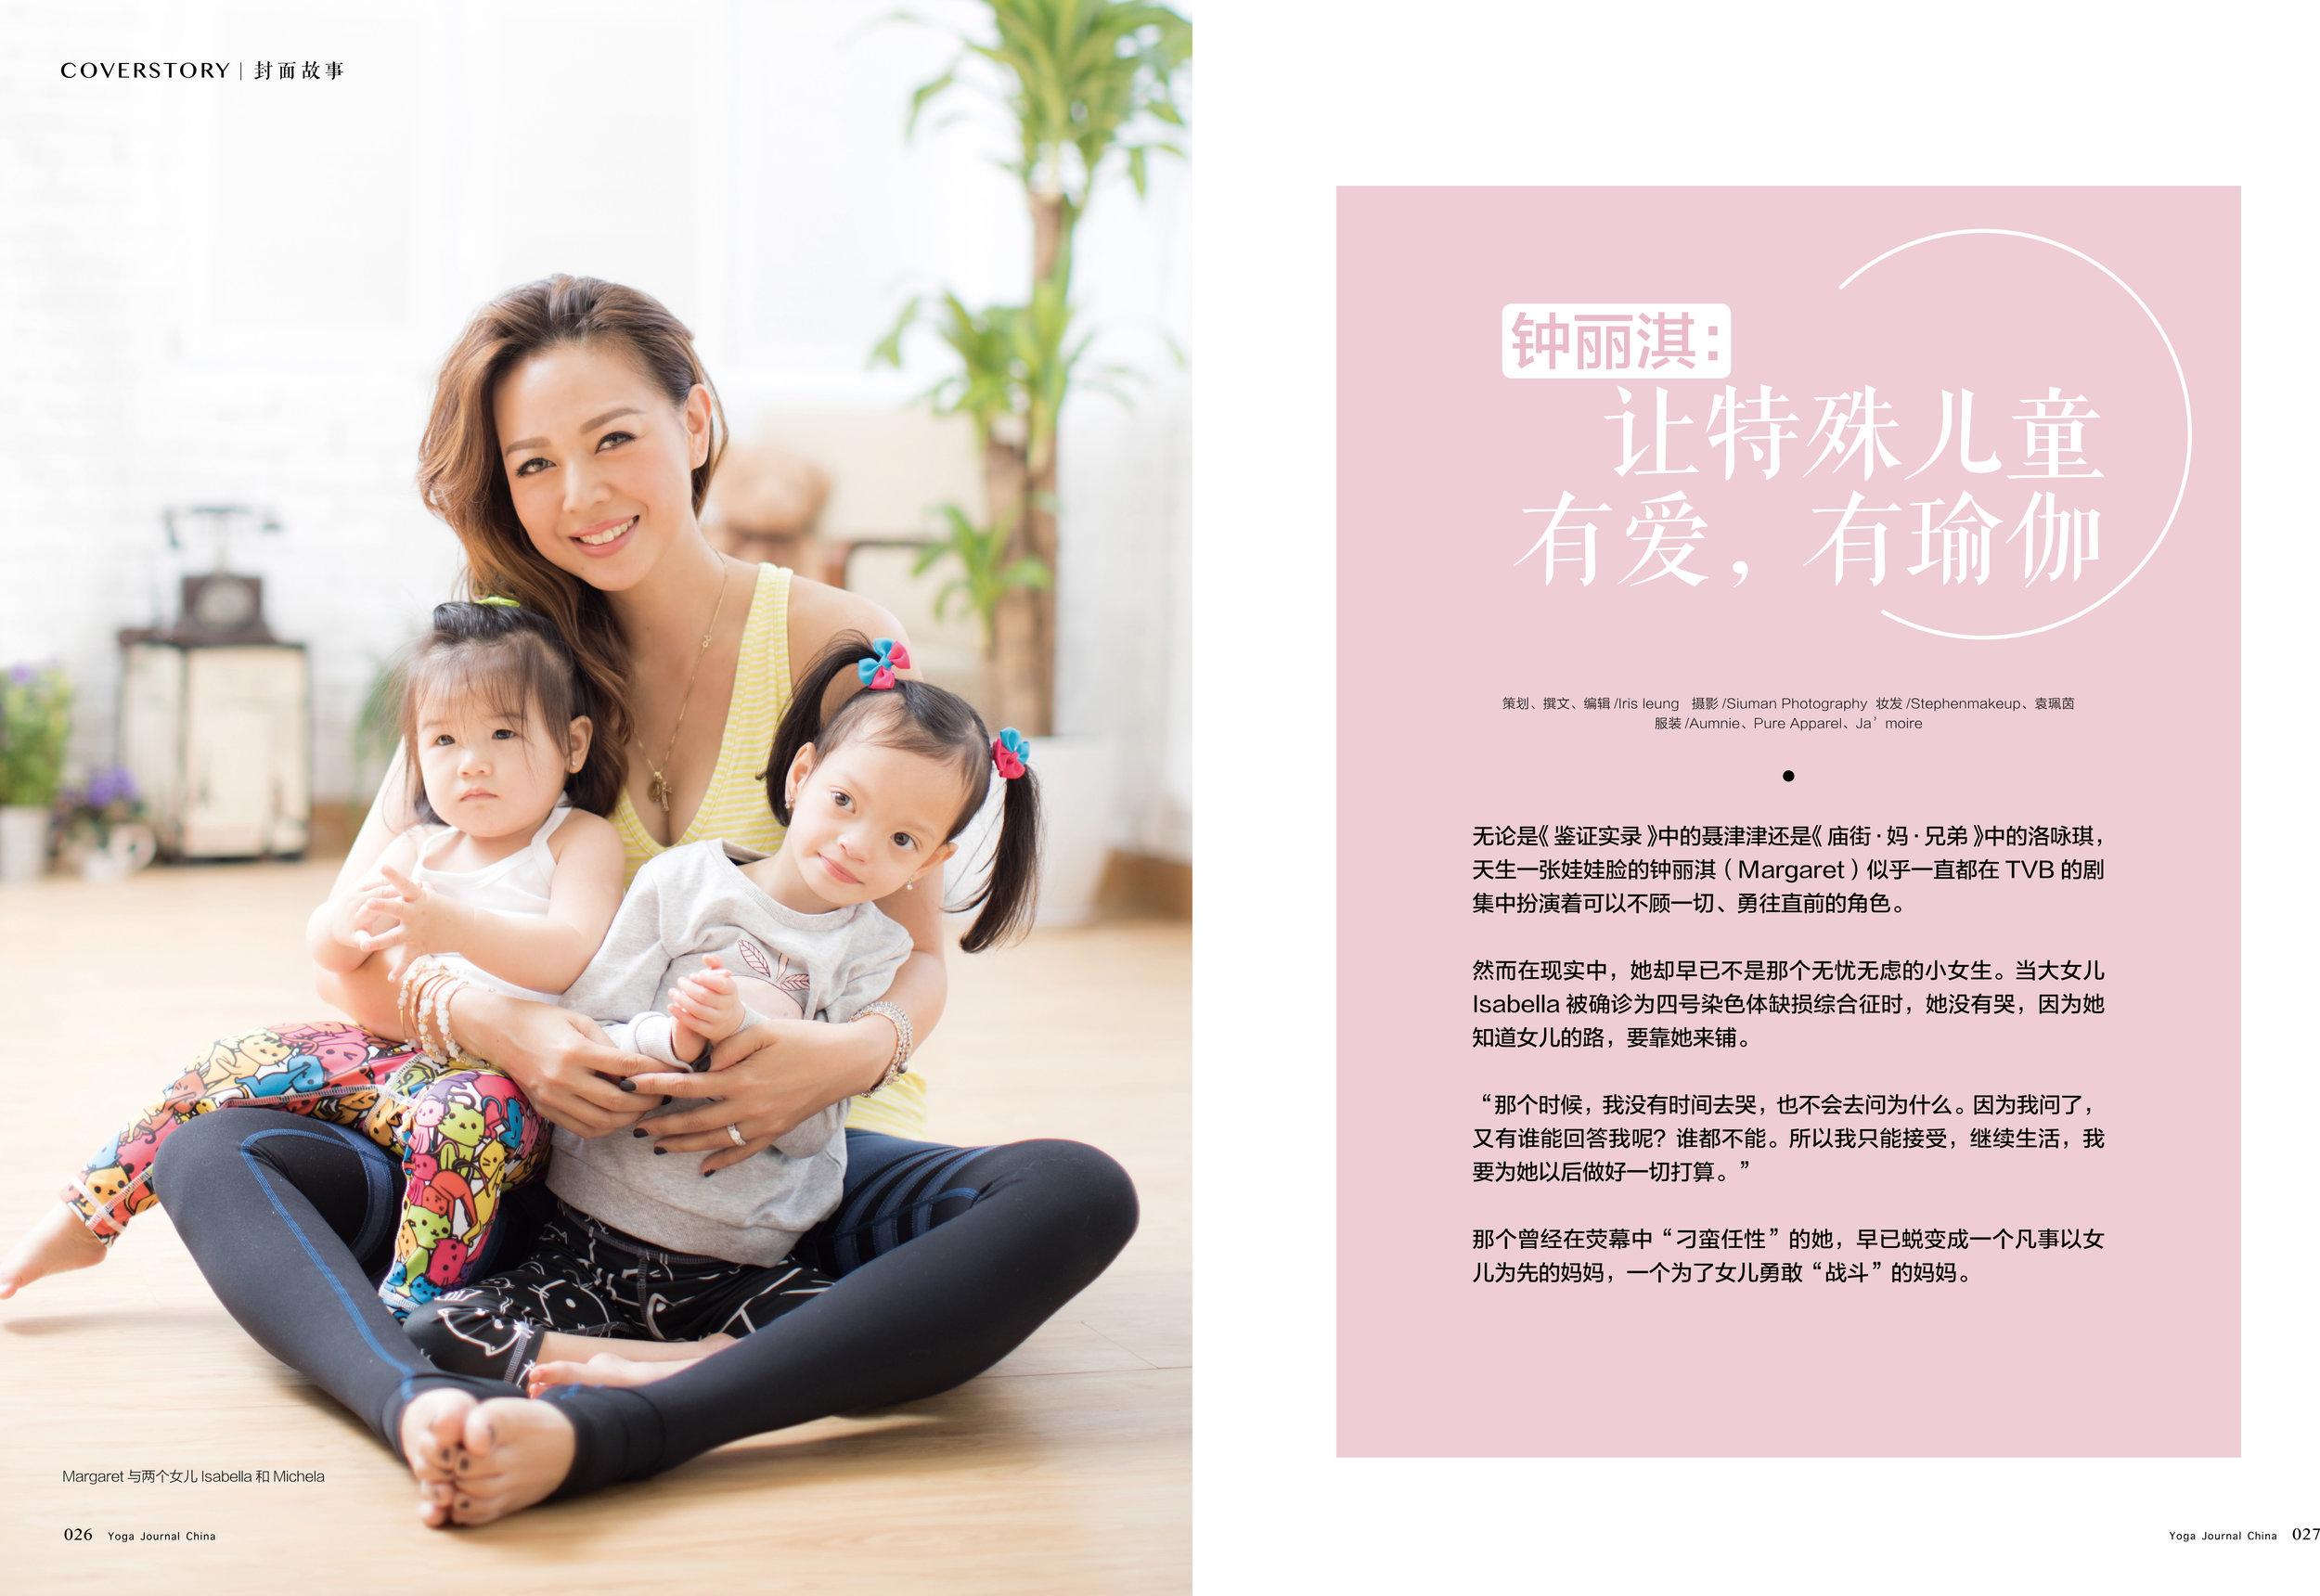 Yogajournal Coverstory Margaret Chung01.jpg